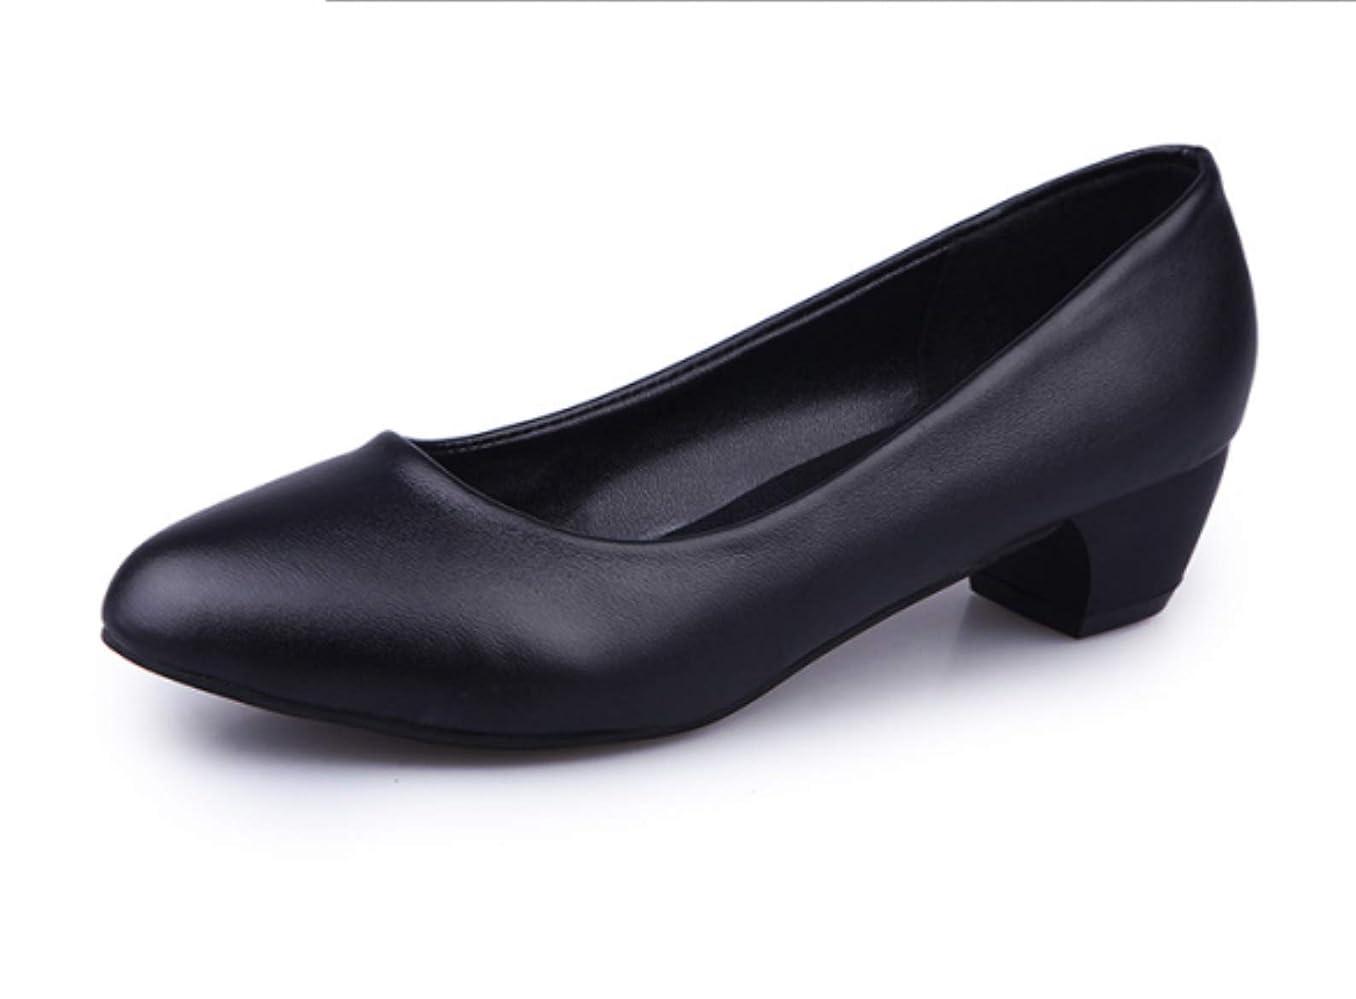 プライムメトロポリタンさようなら[GWEI] ローヒール 作業靴を 履いて 快適な 浅い口元 ハイヒール 大きいサイズ 通勤